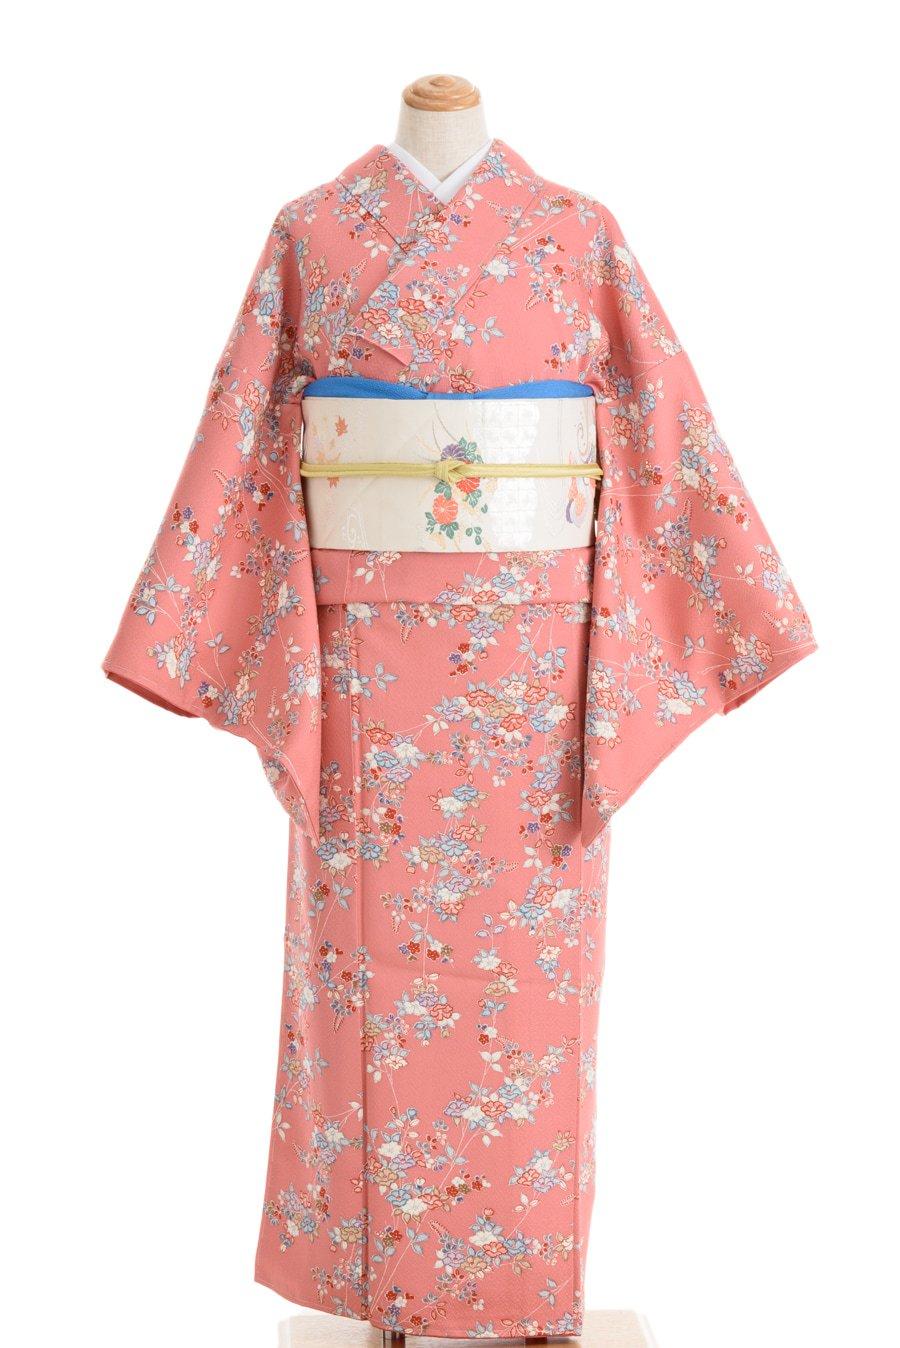 「ピンク色の地 小さな椿と梅」の商品画像